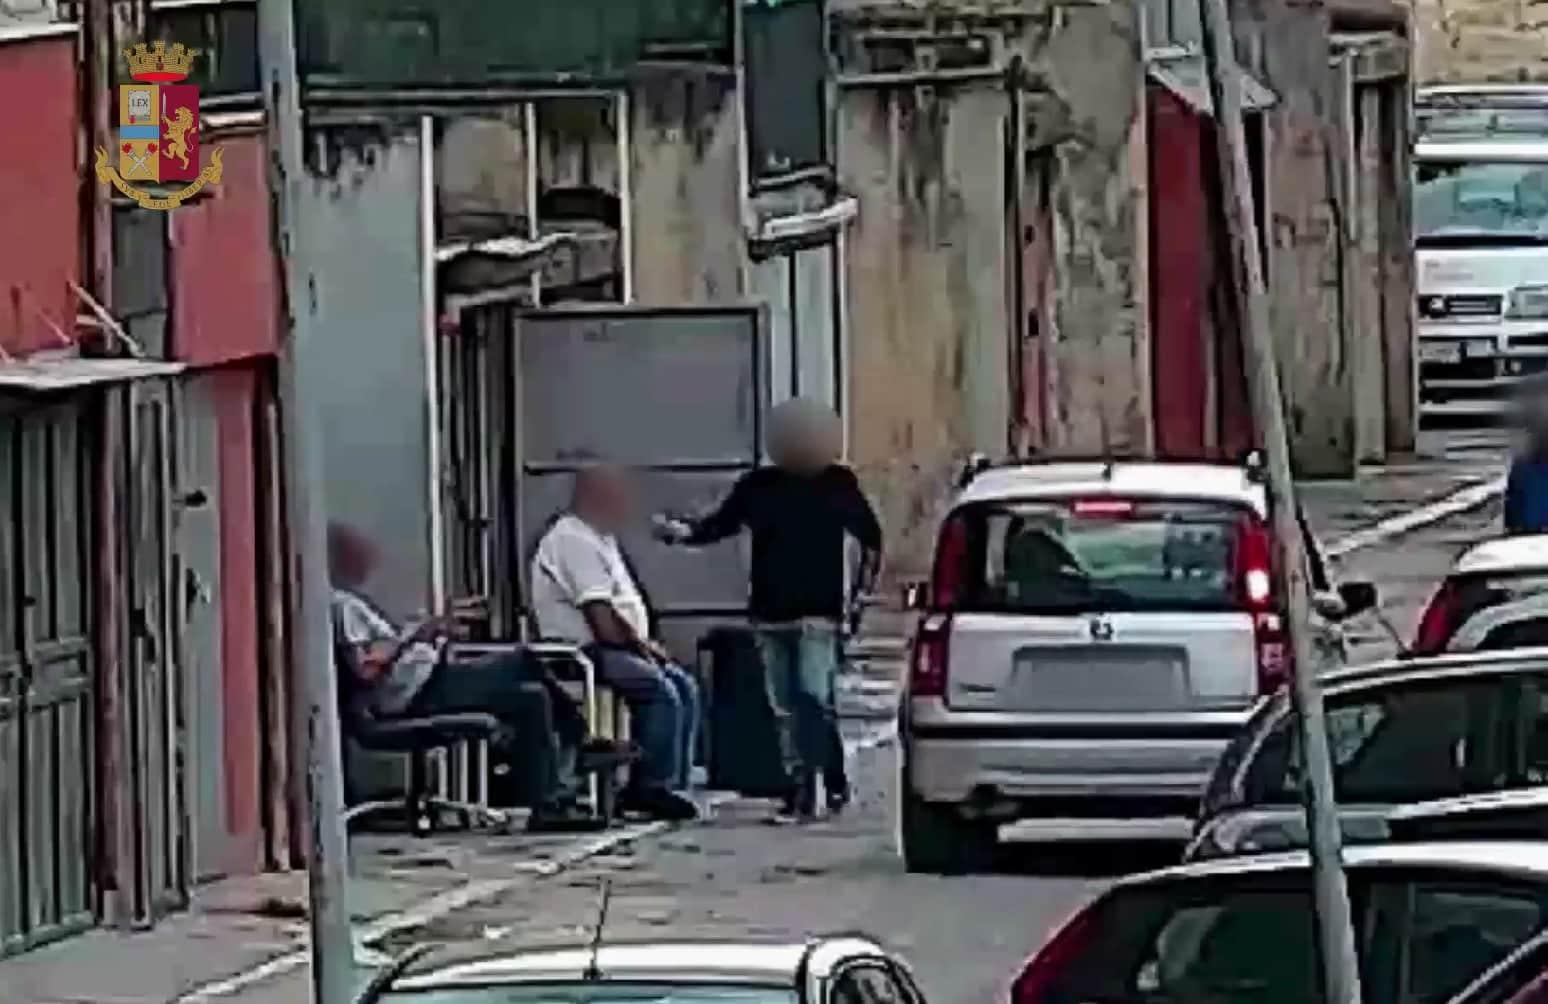 """Operazione """"Transit"""", smantellata piazza di spaccio: i NOMI delle persone arrestate – VIDEO"""